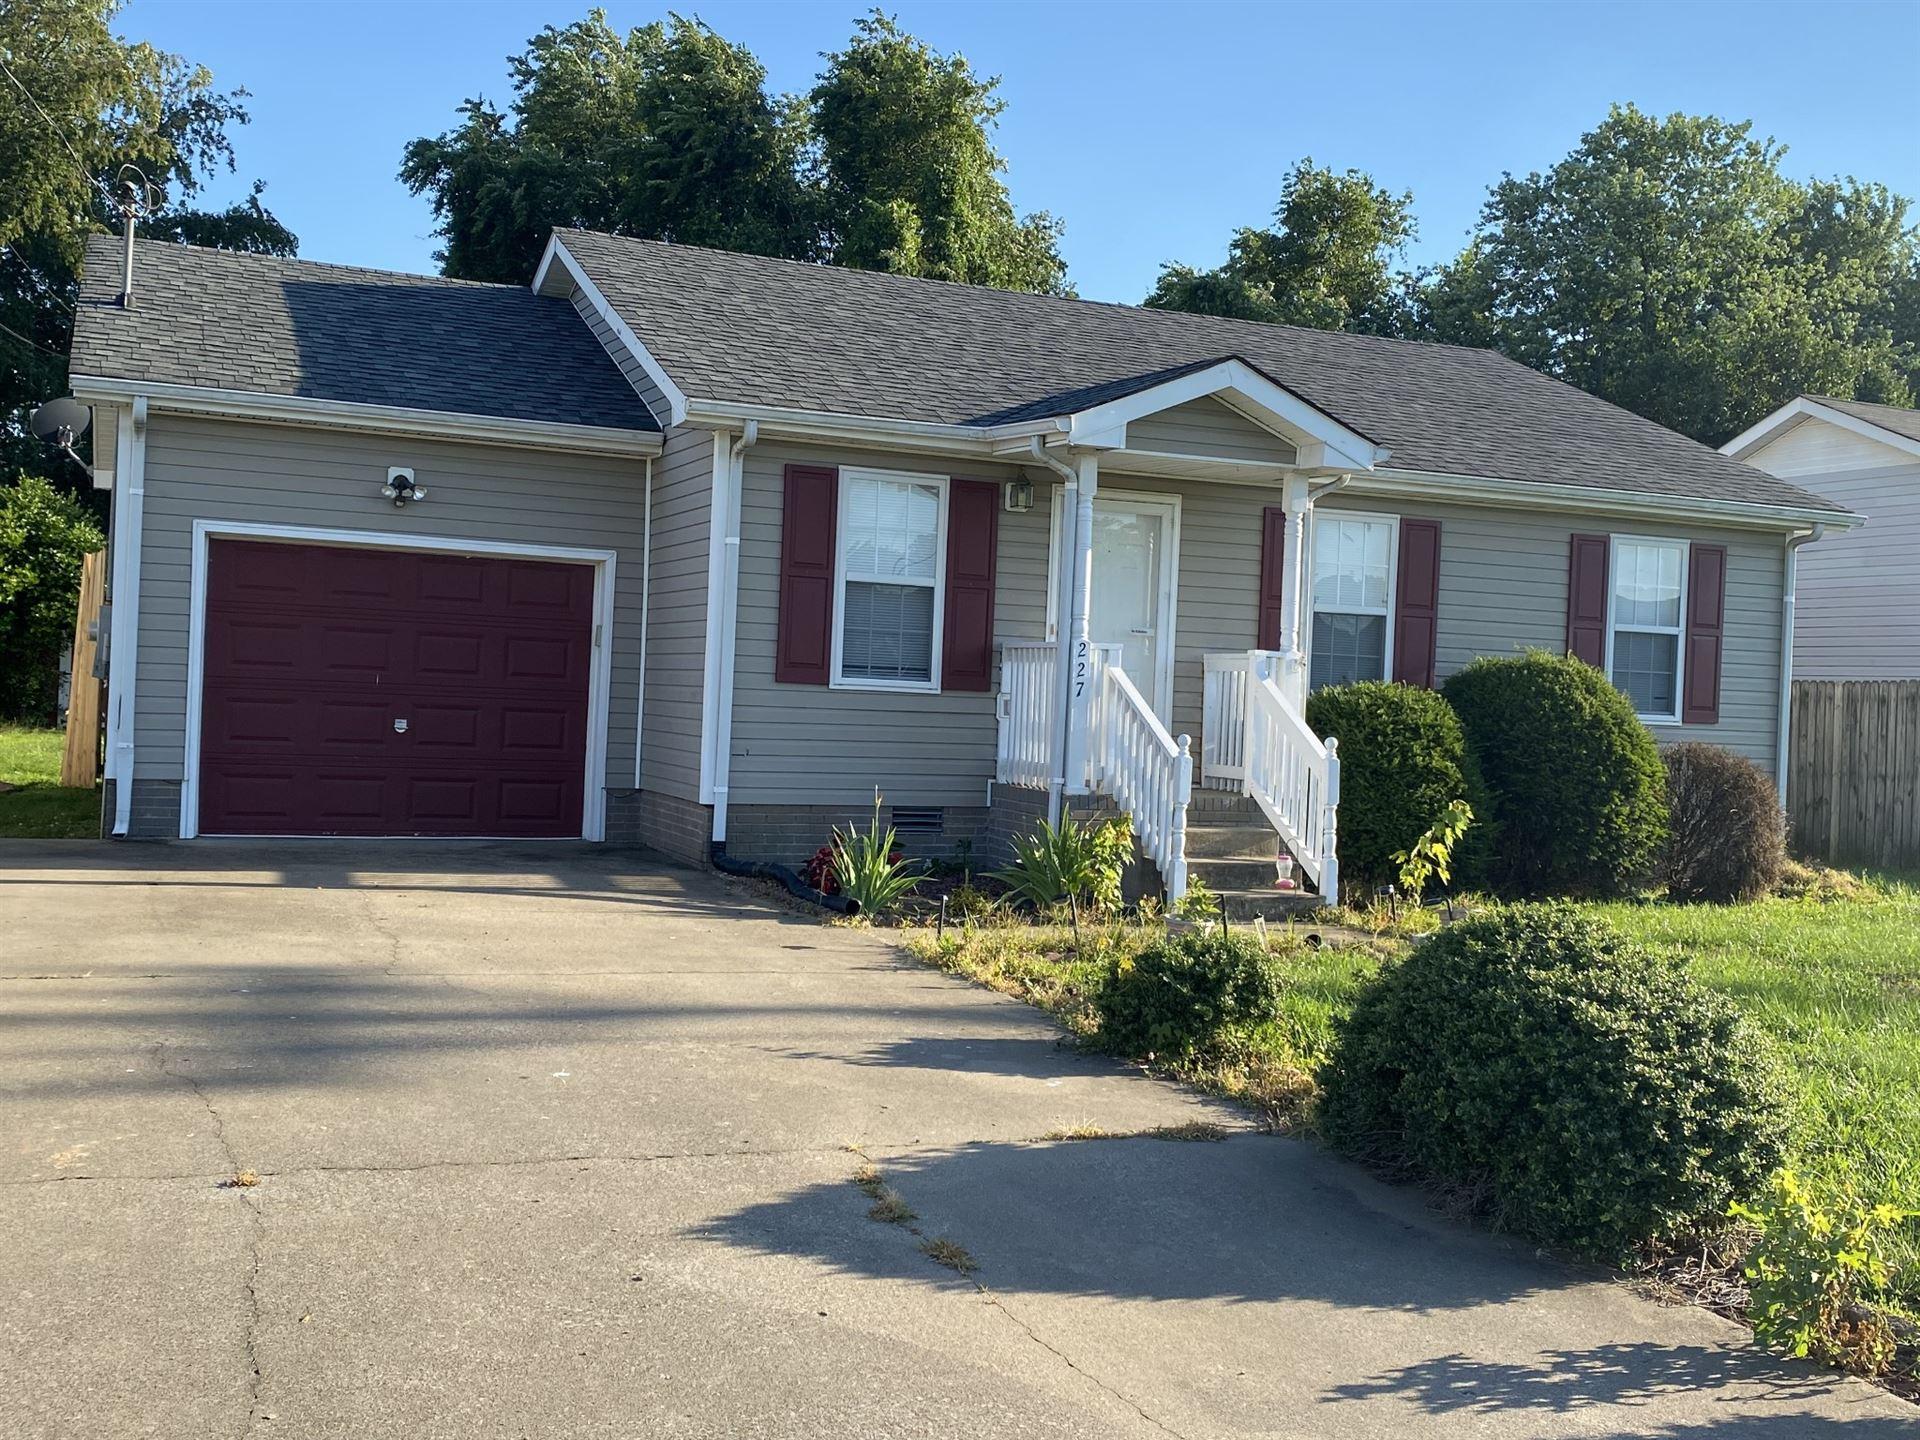 227 Waterford Dr, Oak Grove, KY 42262 - MLS#: 2263451